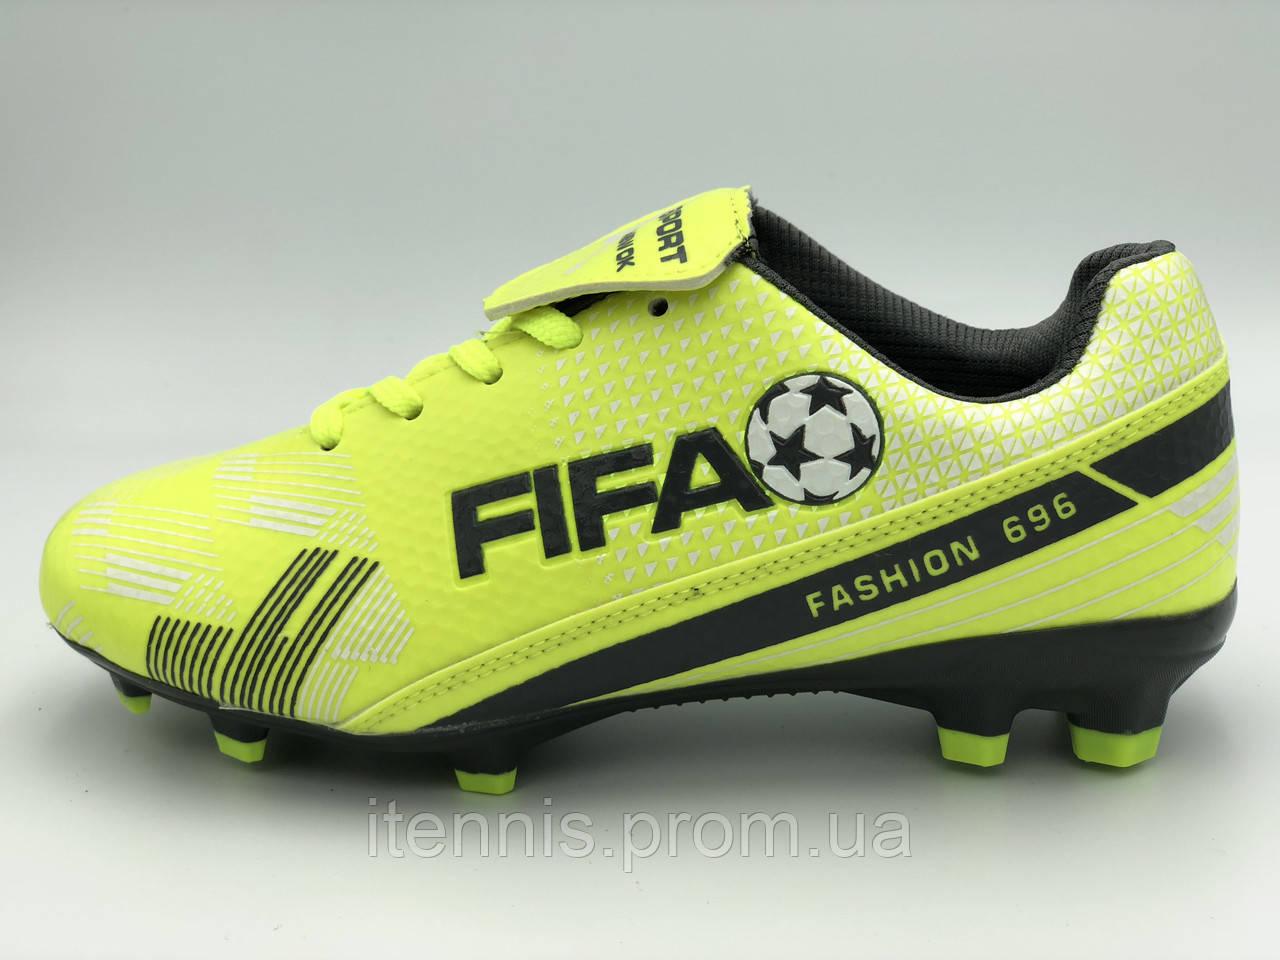 44156e77 Футбольные бутсы FIFA-V (р. 33-38) Салатовый - купить по лучшей цене ...